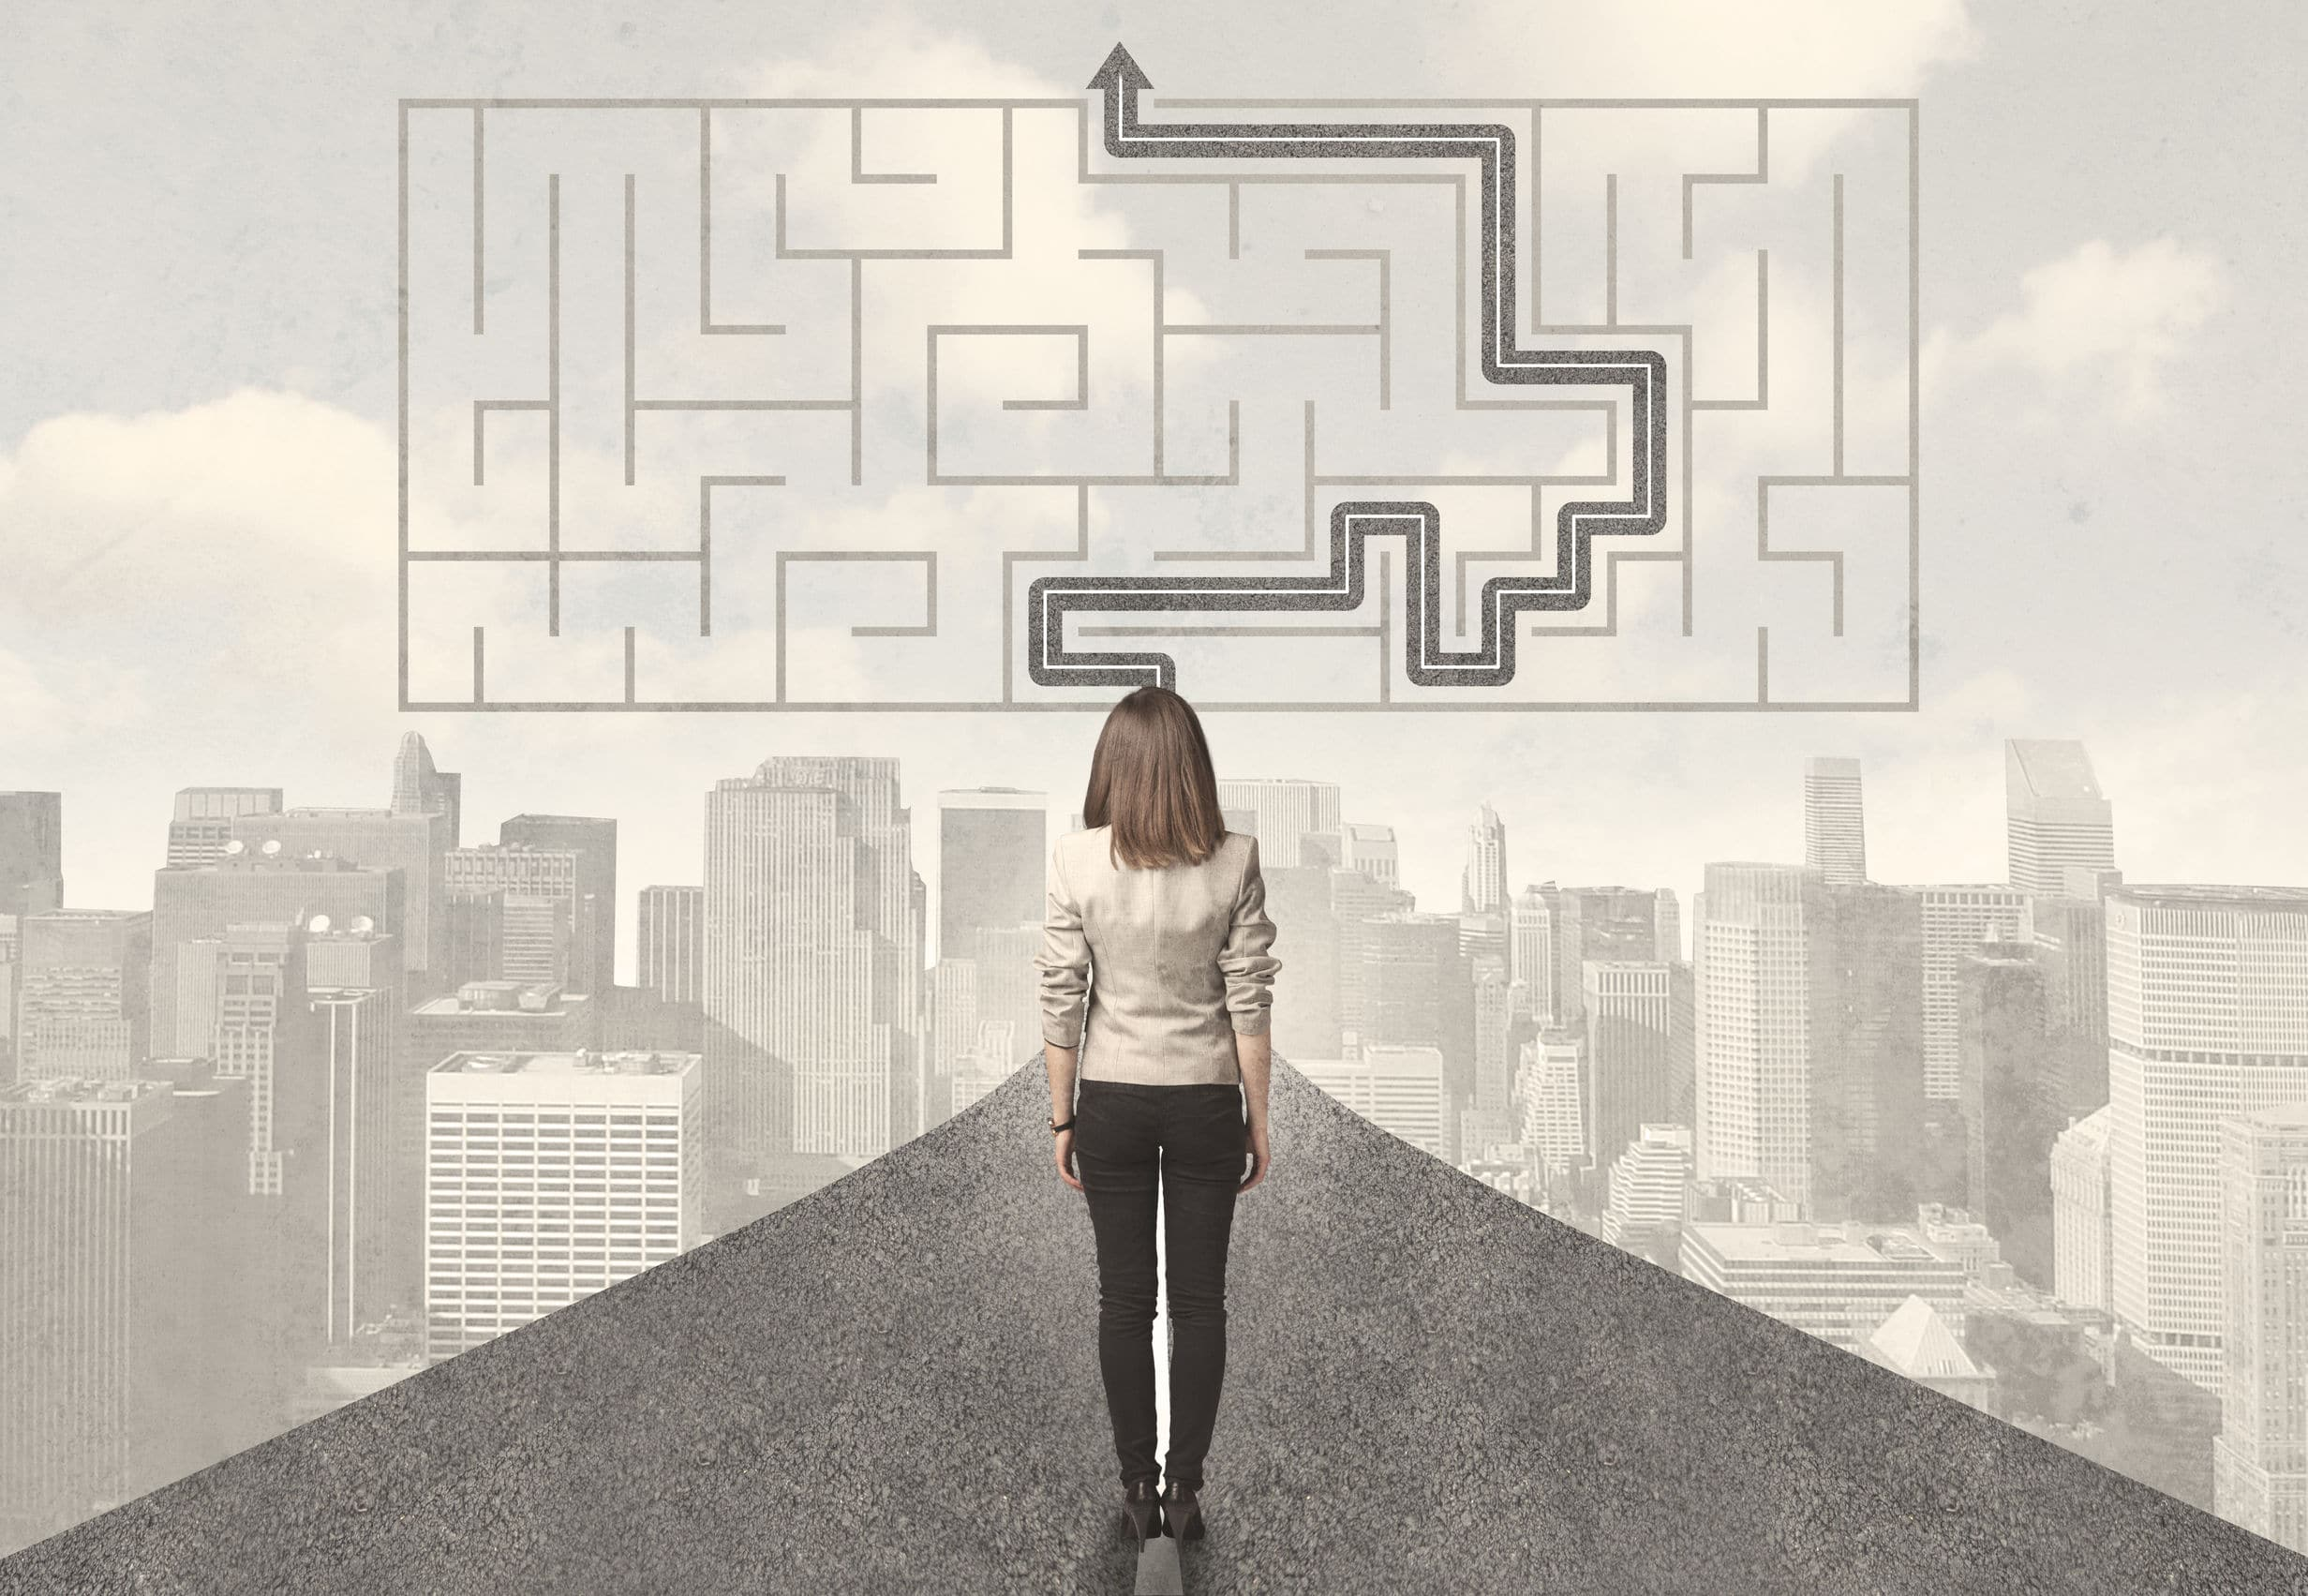 """Mulher parada em frente de uma estrada, observando paisagem de cidade, com uma imagem de """"jogo de labirinto"""" resolvido desenhada no céu."""